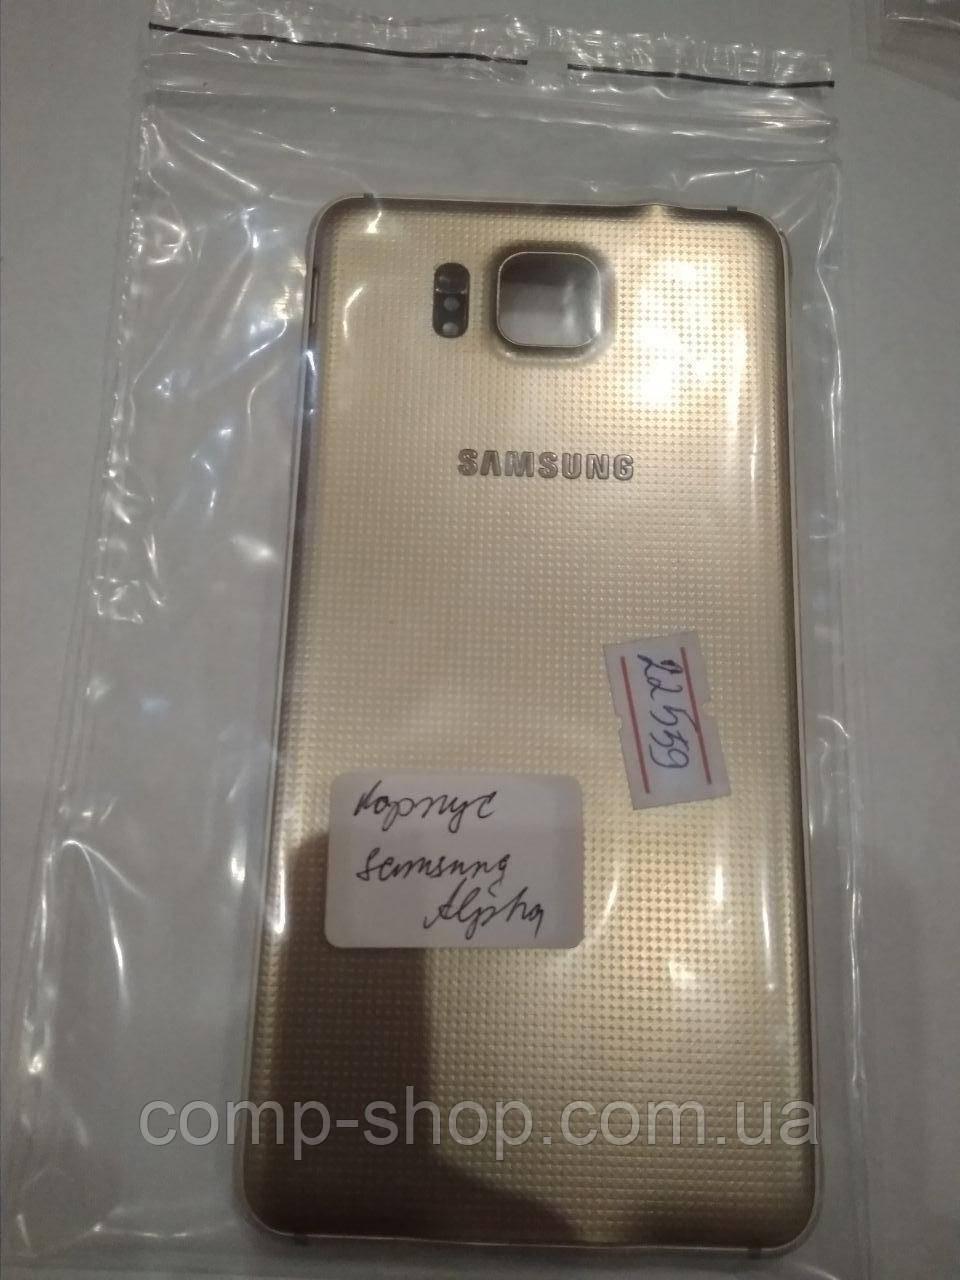 Корпус Samsung Alpha оригинал бу, запчасть с разборки